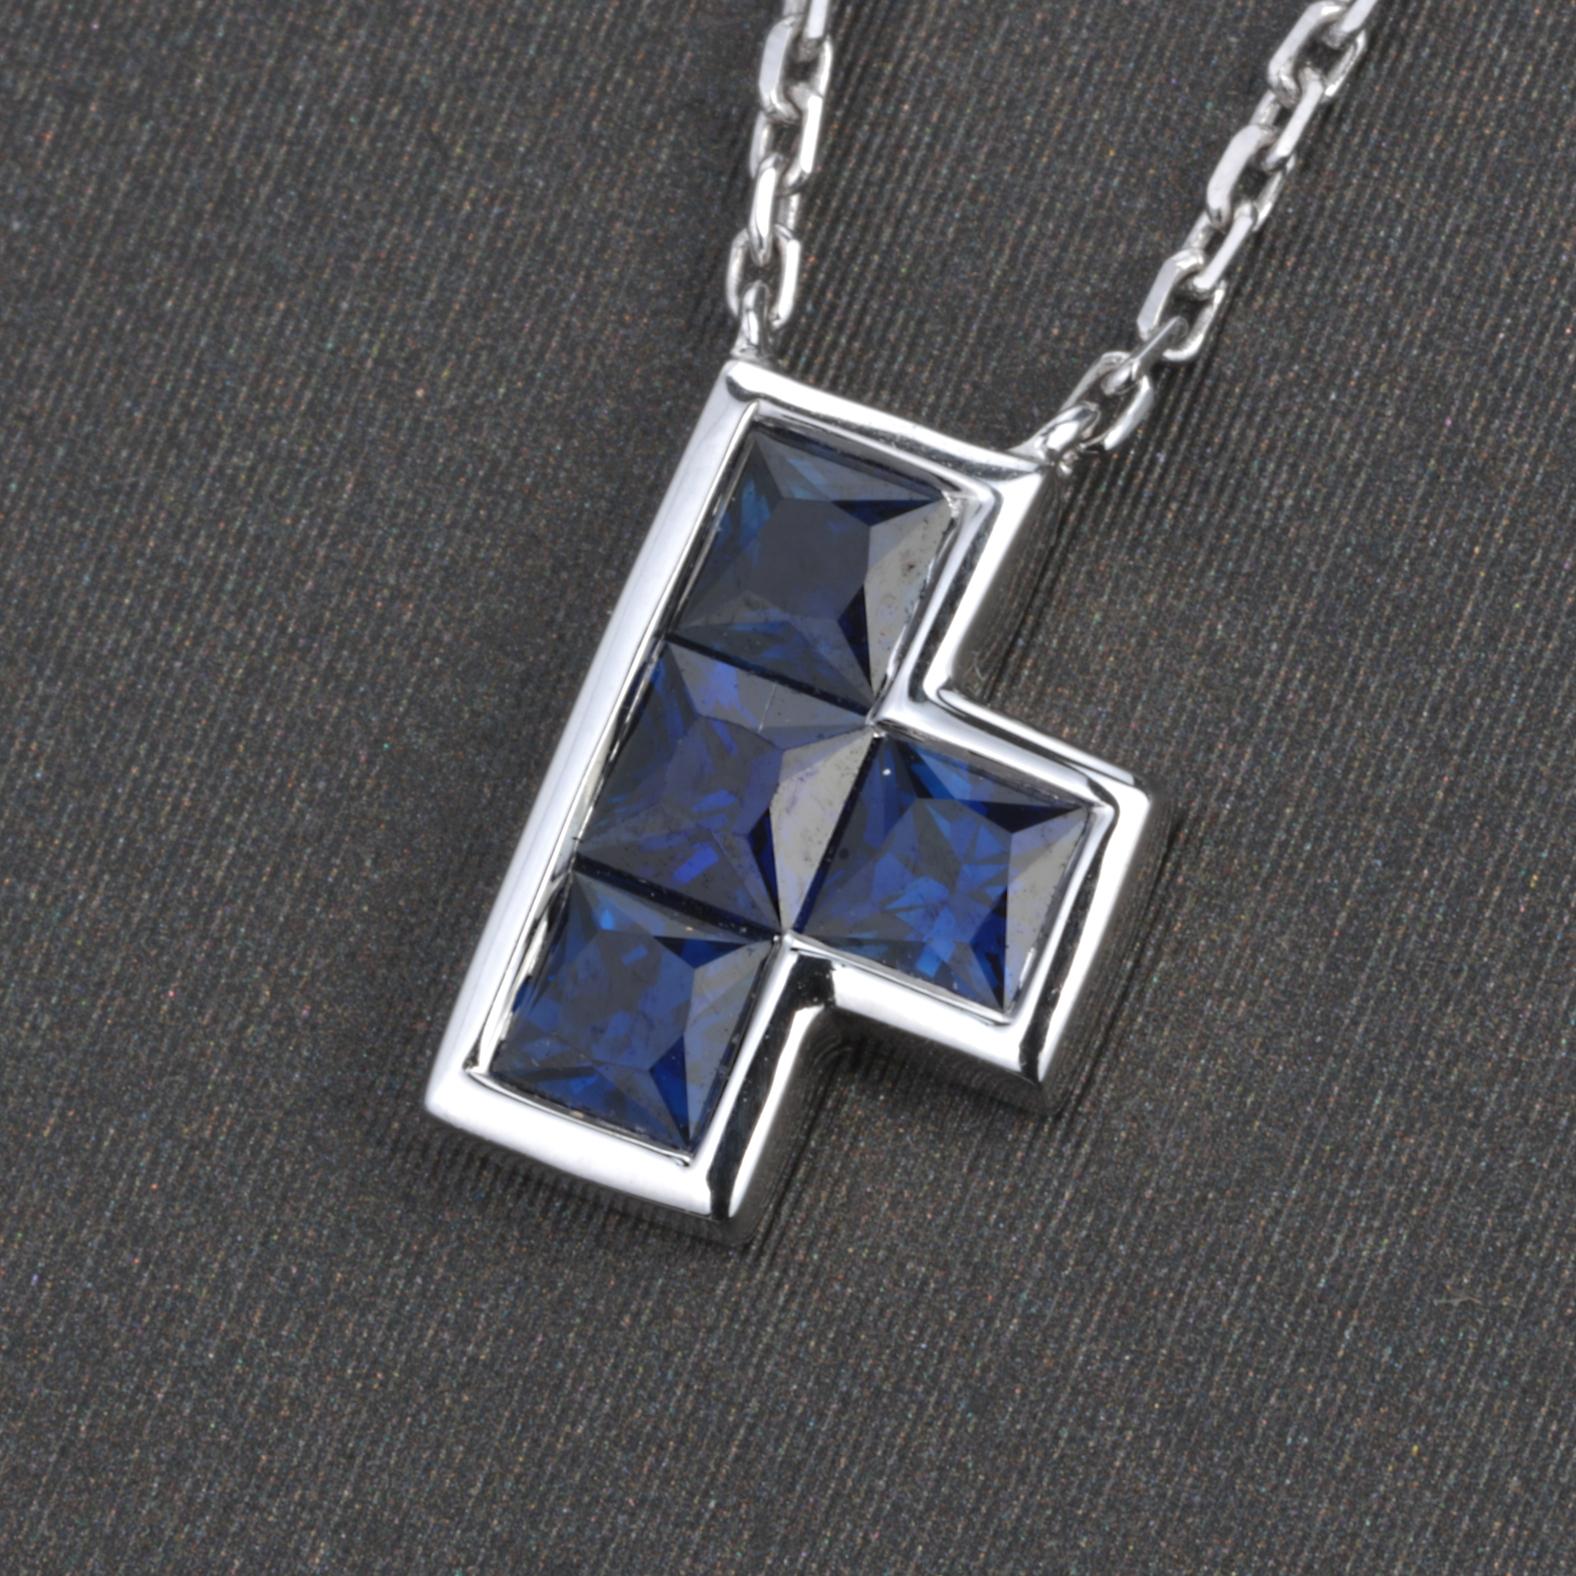 【项链】18k金+蓝宝石  宝石颜色纯正 货重:2.31g  主石:0.56ct/4p##**